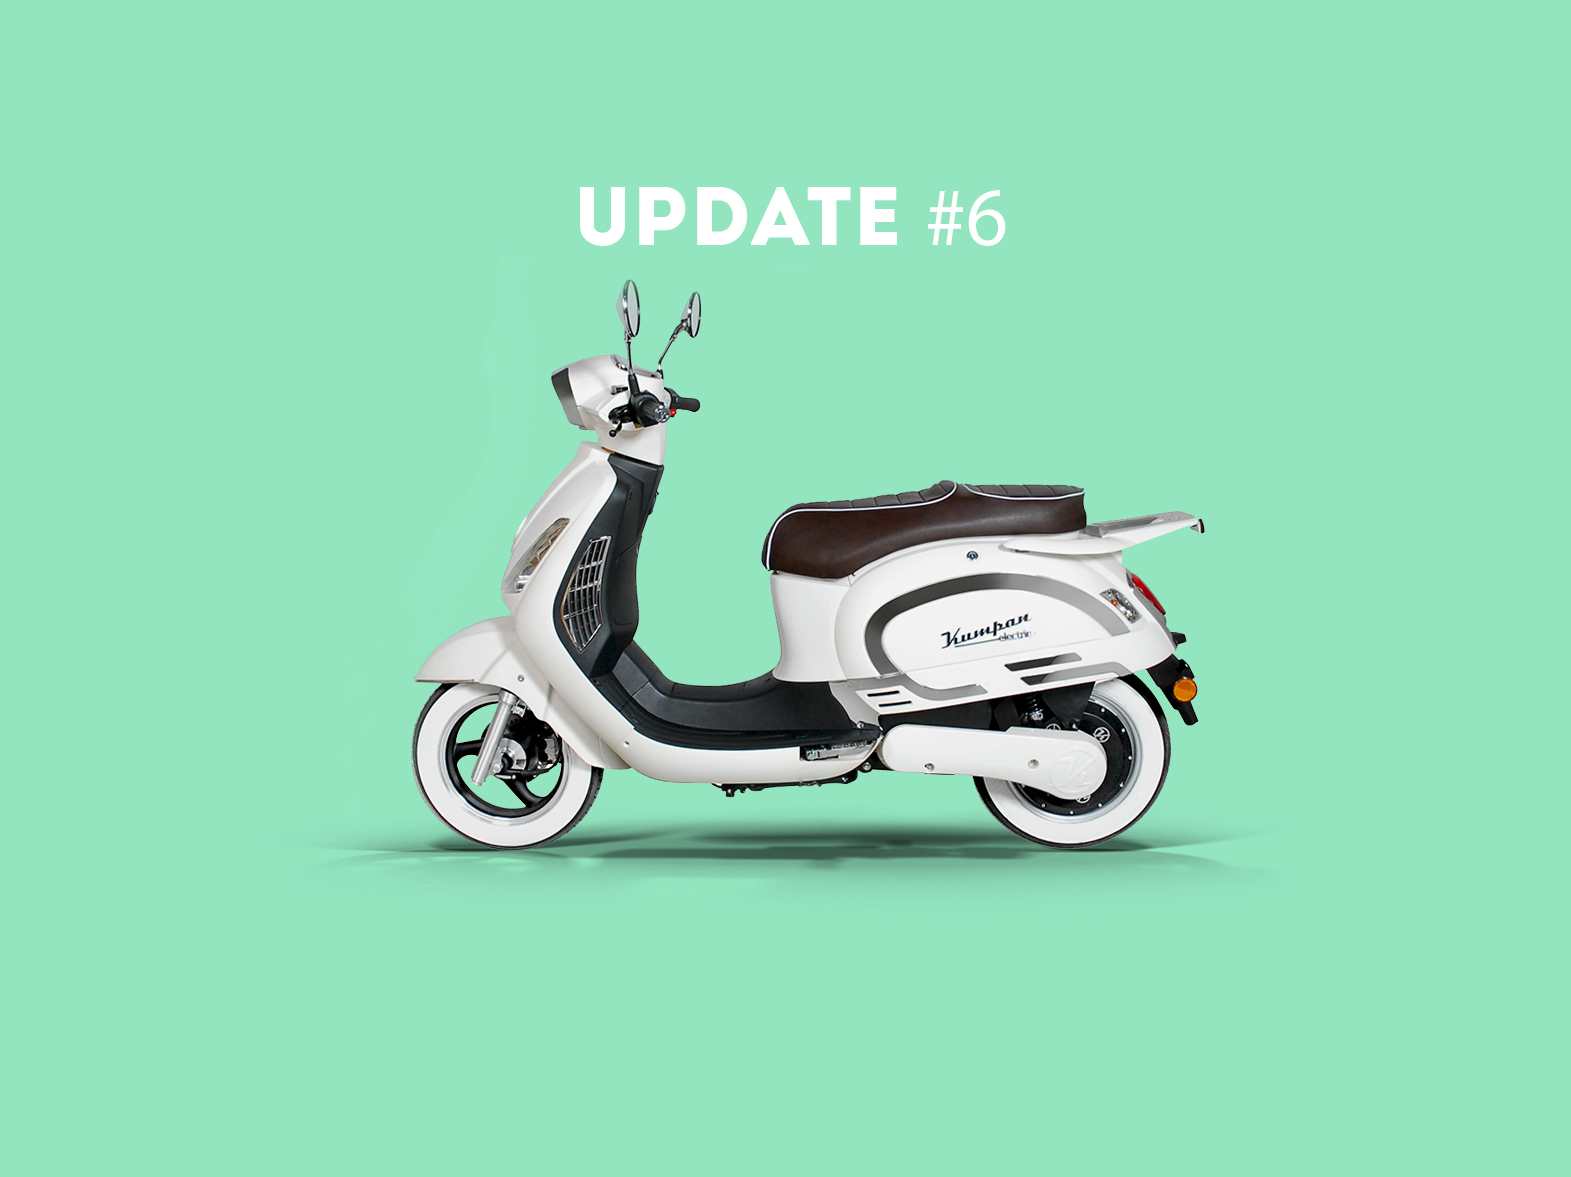 Fragen rund um unsere Kampagne – E-Mobilität als Zukunftsmodell